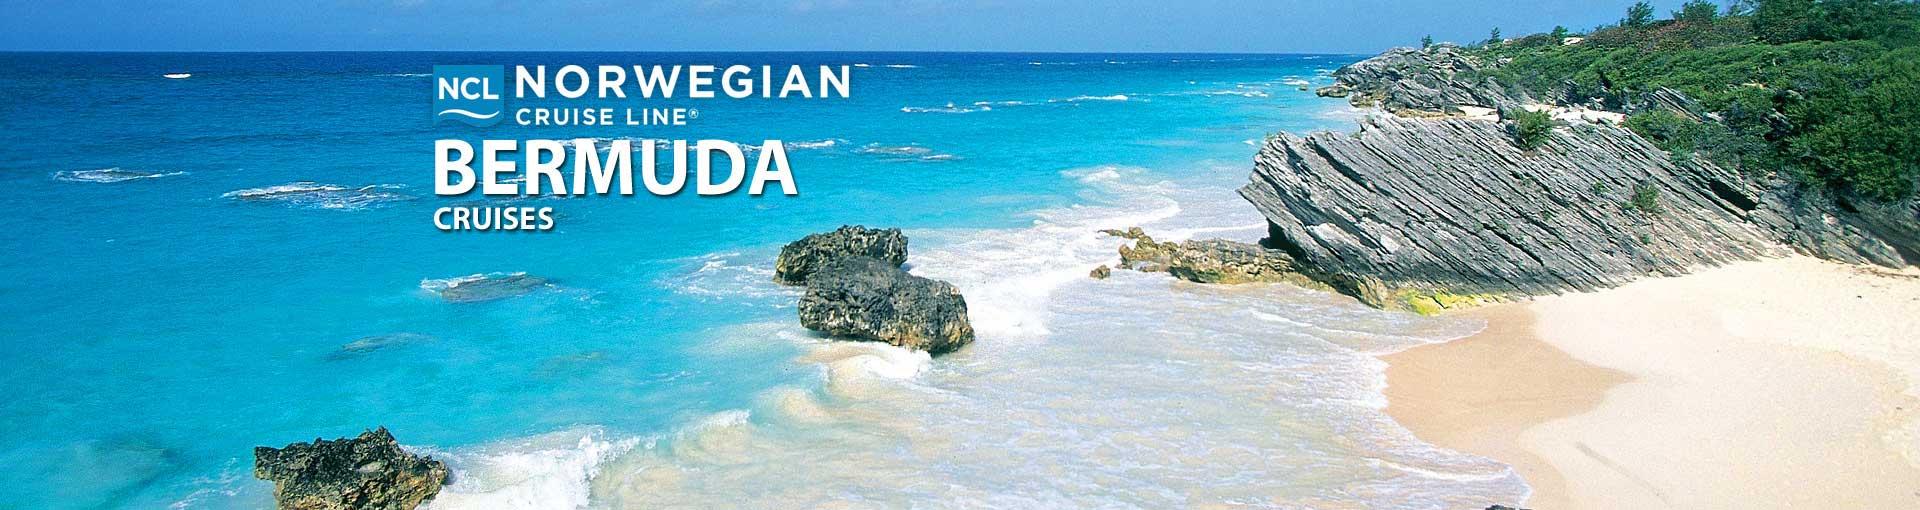 Norwegian Cruise Line Bermuda Cruises